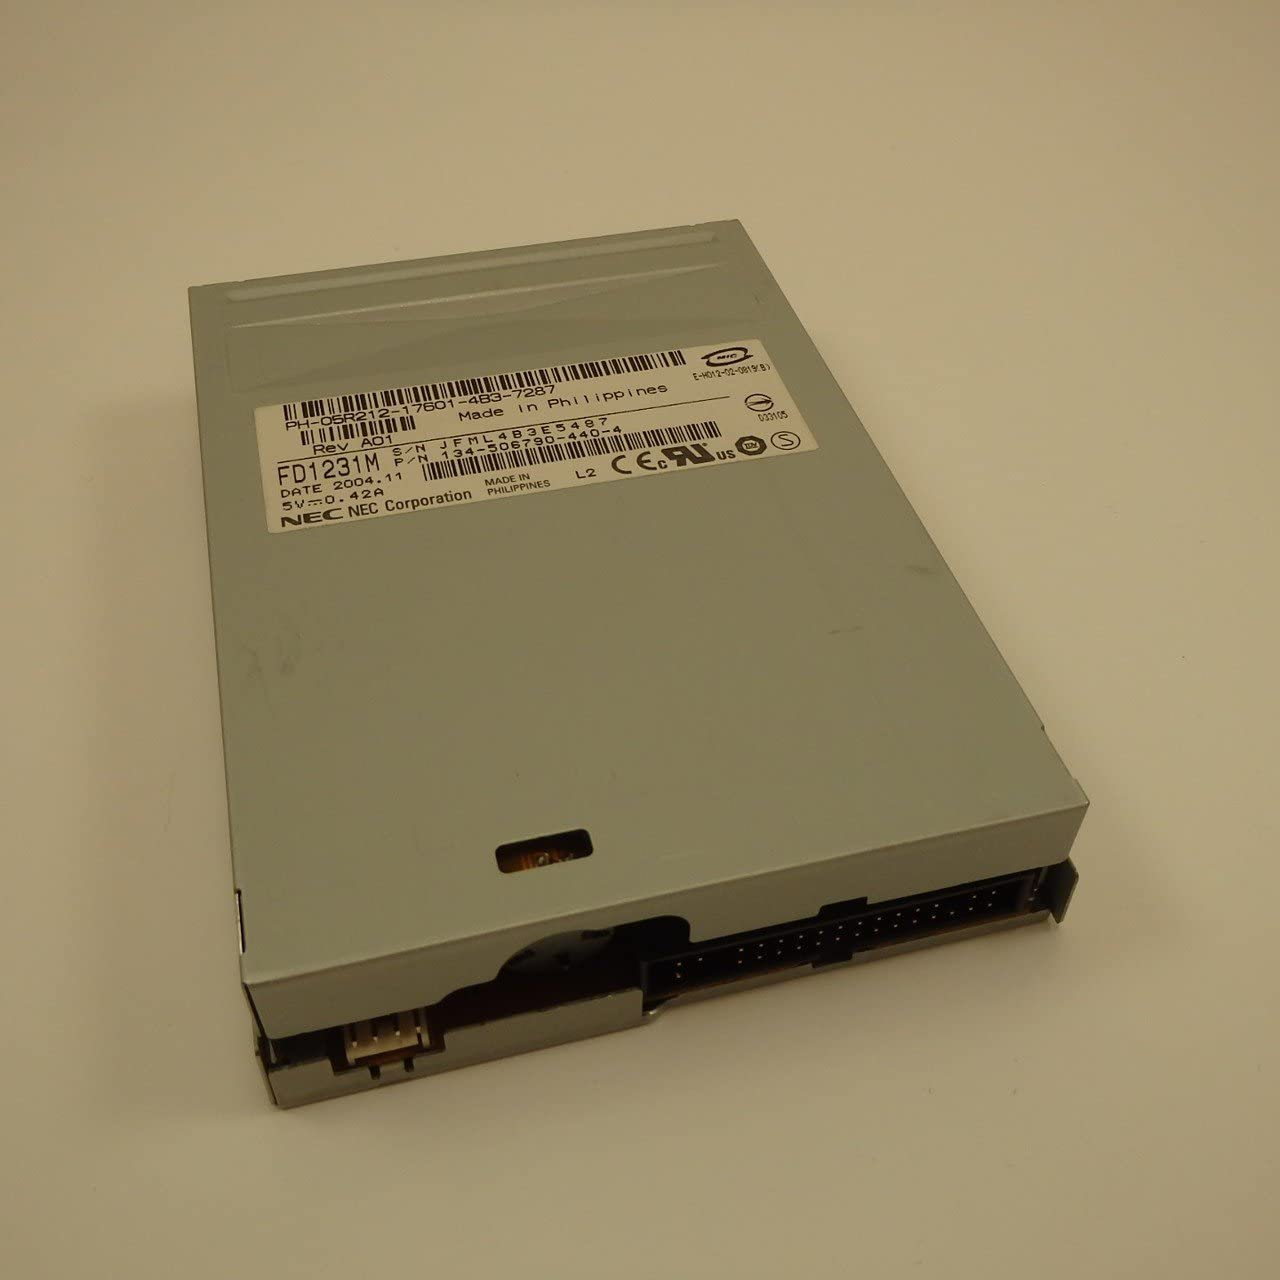 Dell Optiplex/Dimension 1.44 3.5